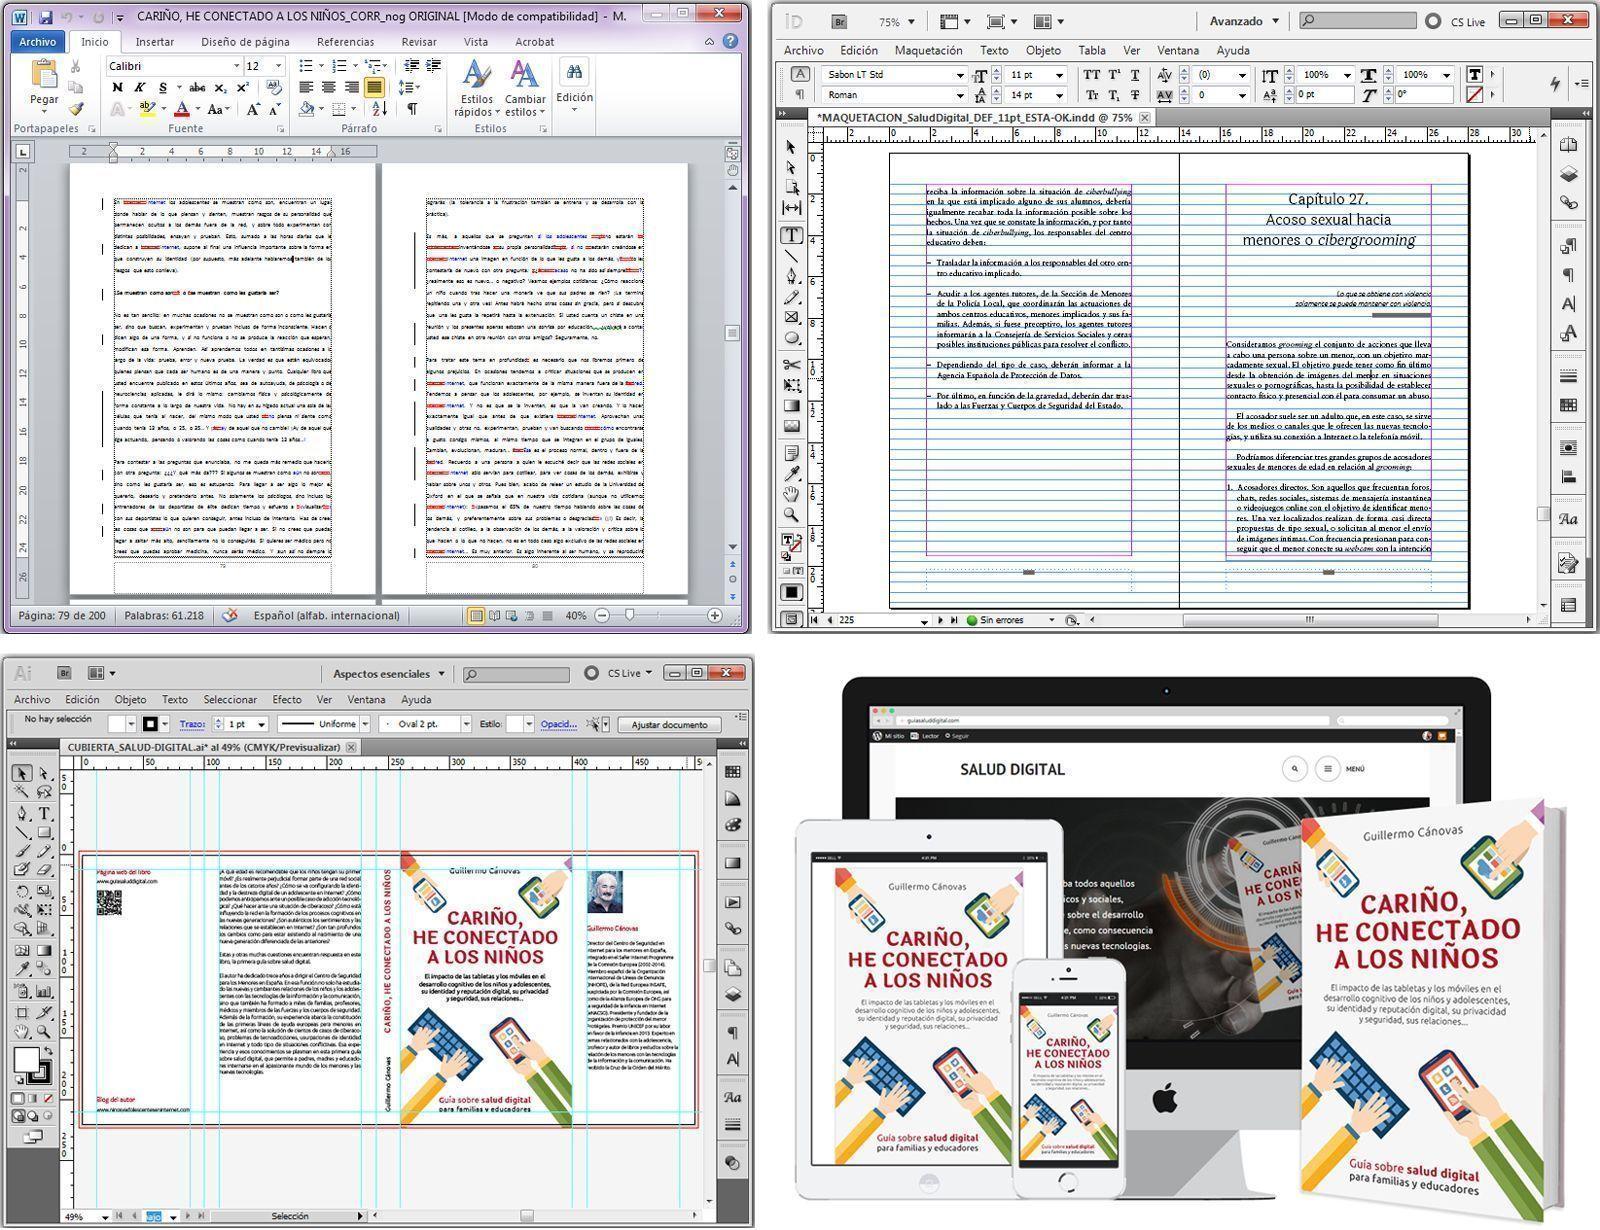 Editar y publicar son acciones diferentes